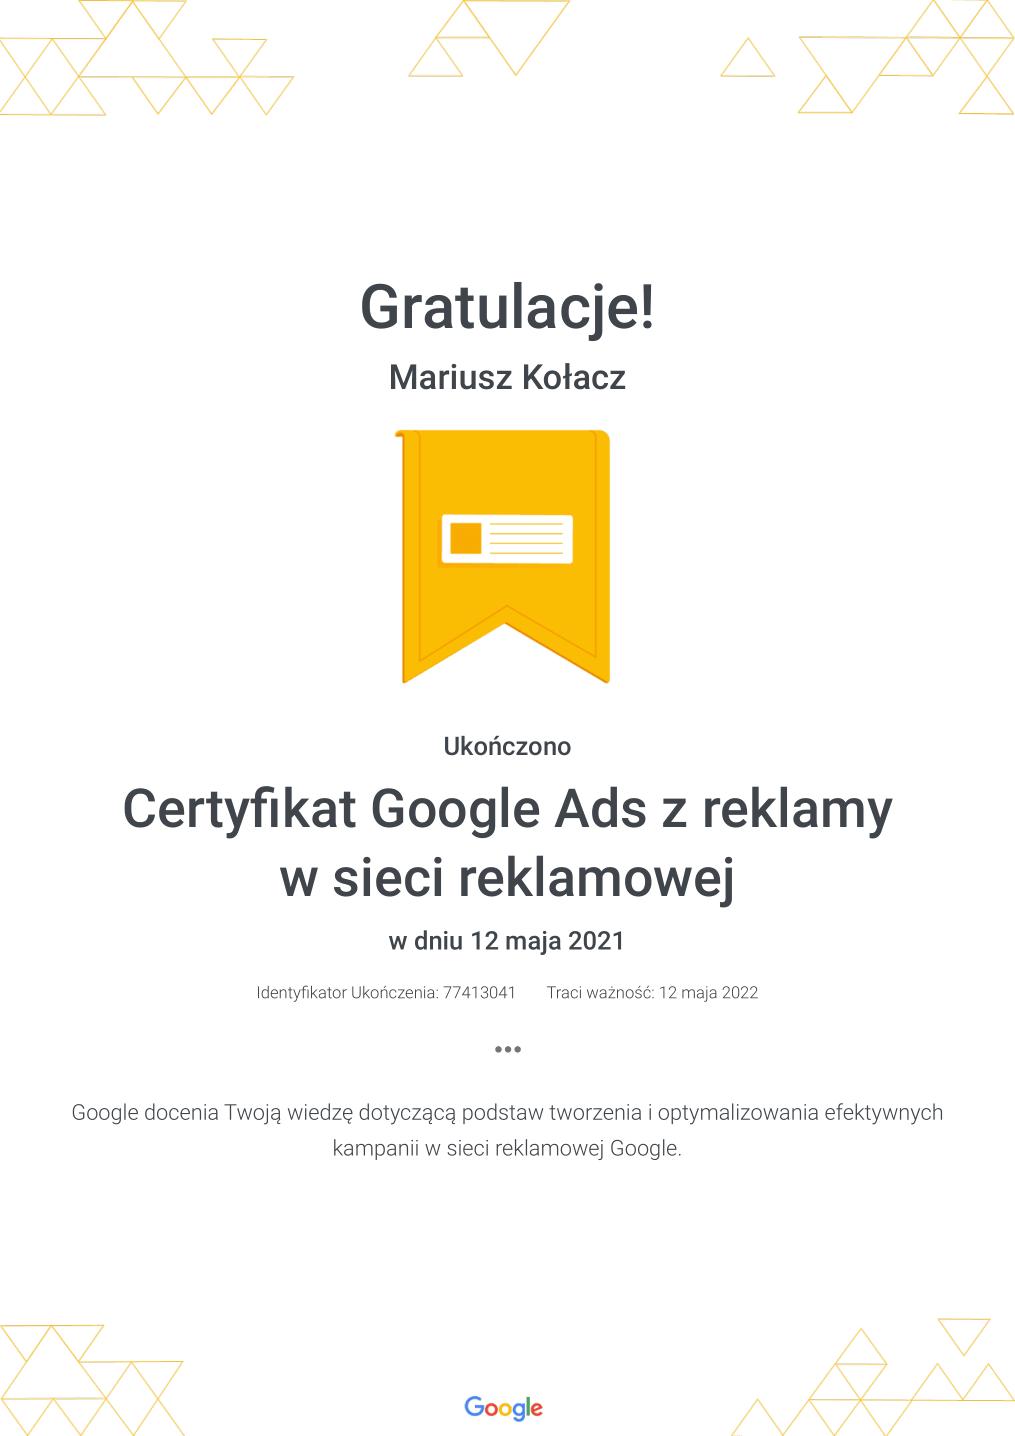 Certyfikat Google Ads z reklamy w sieci reklamowej